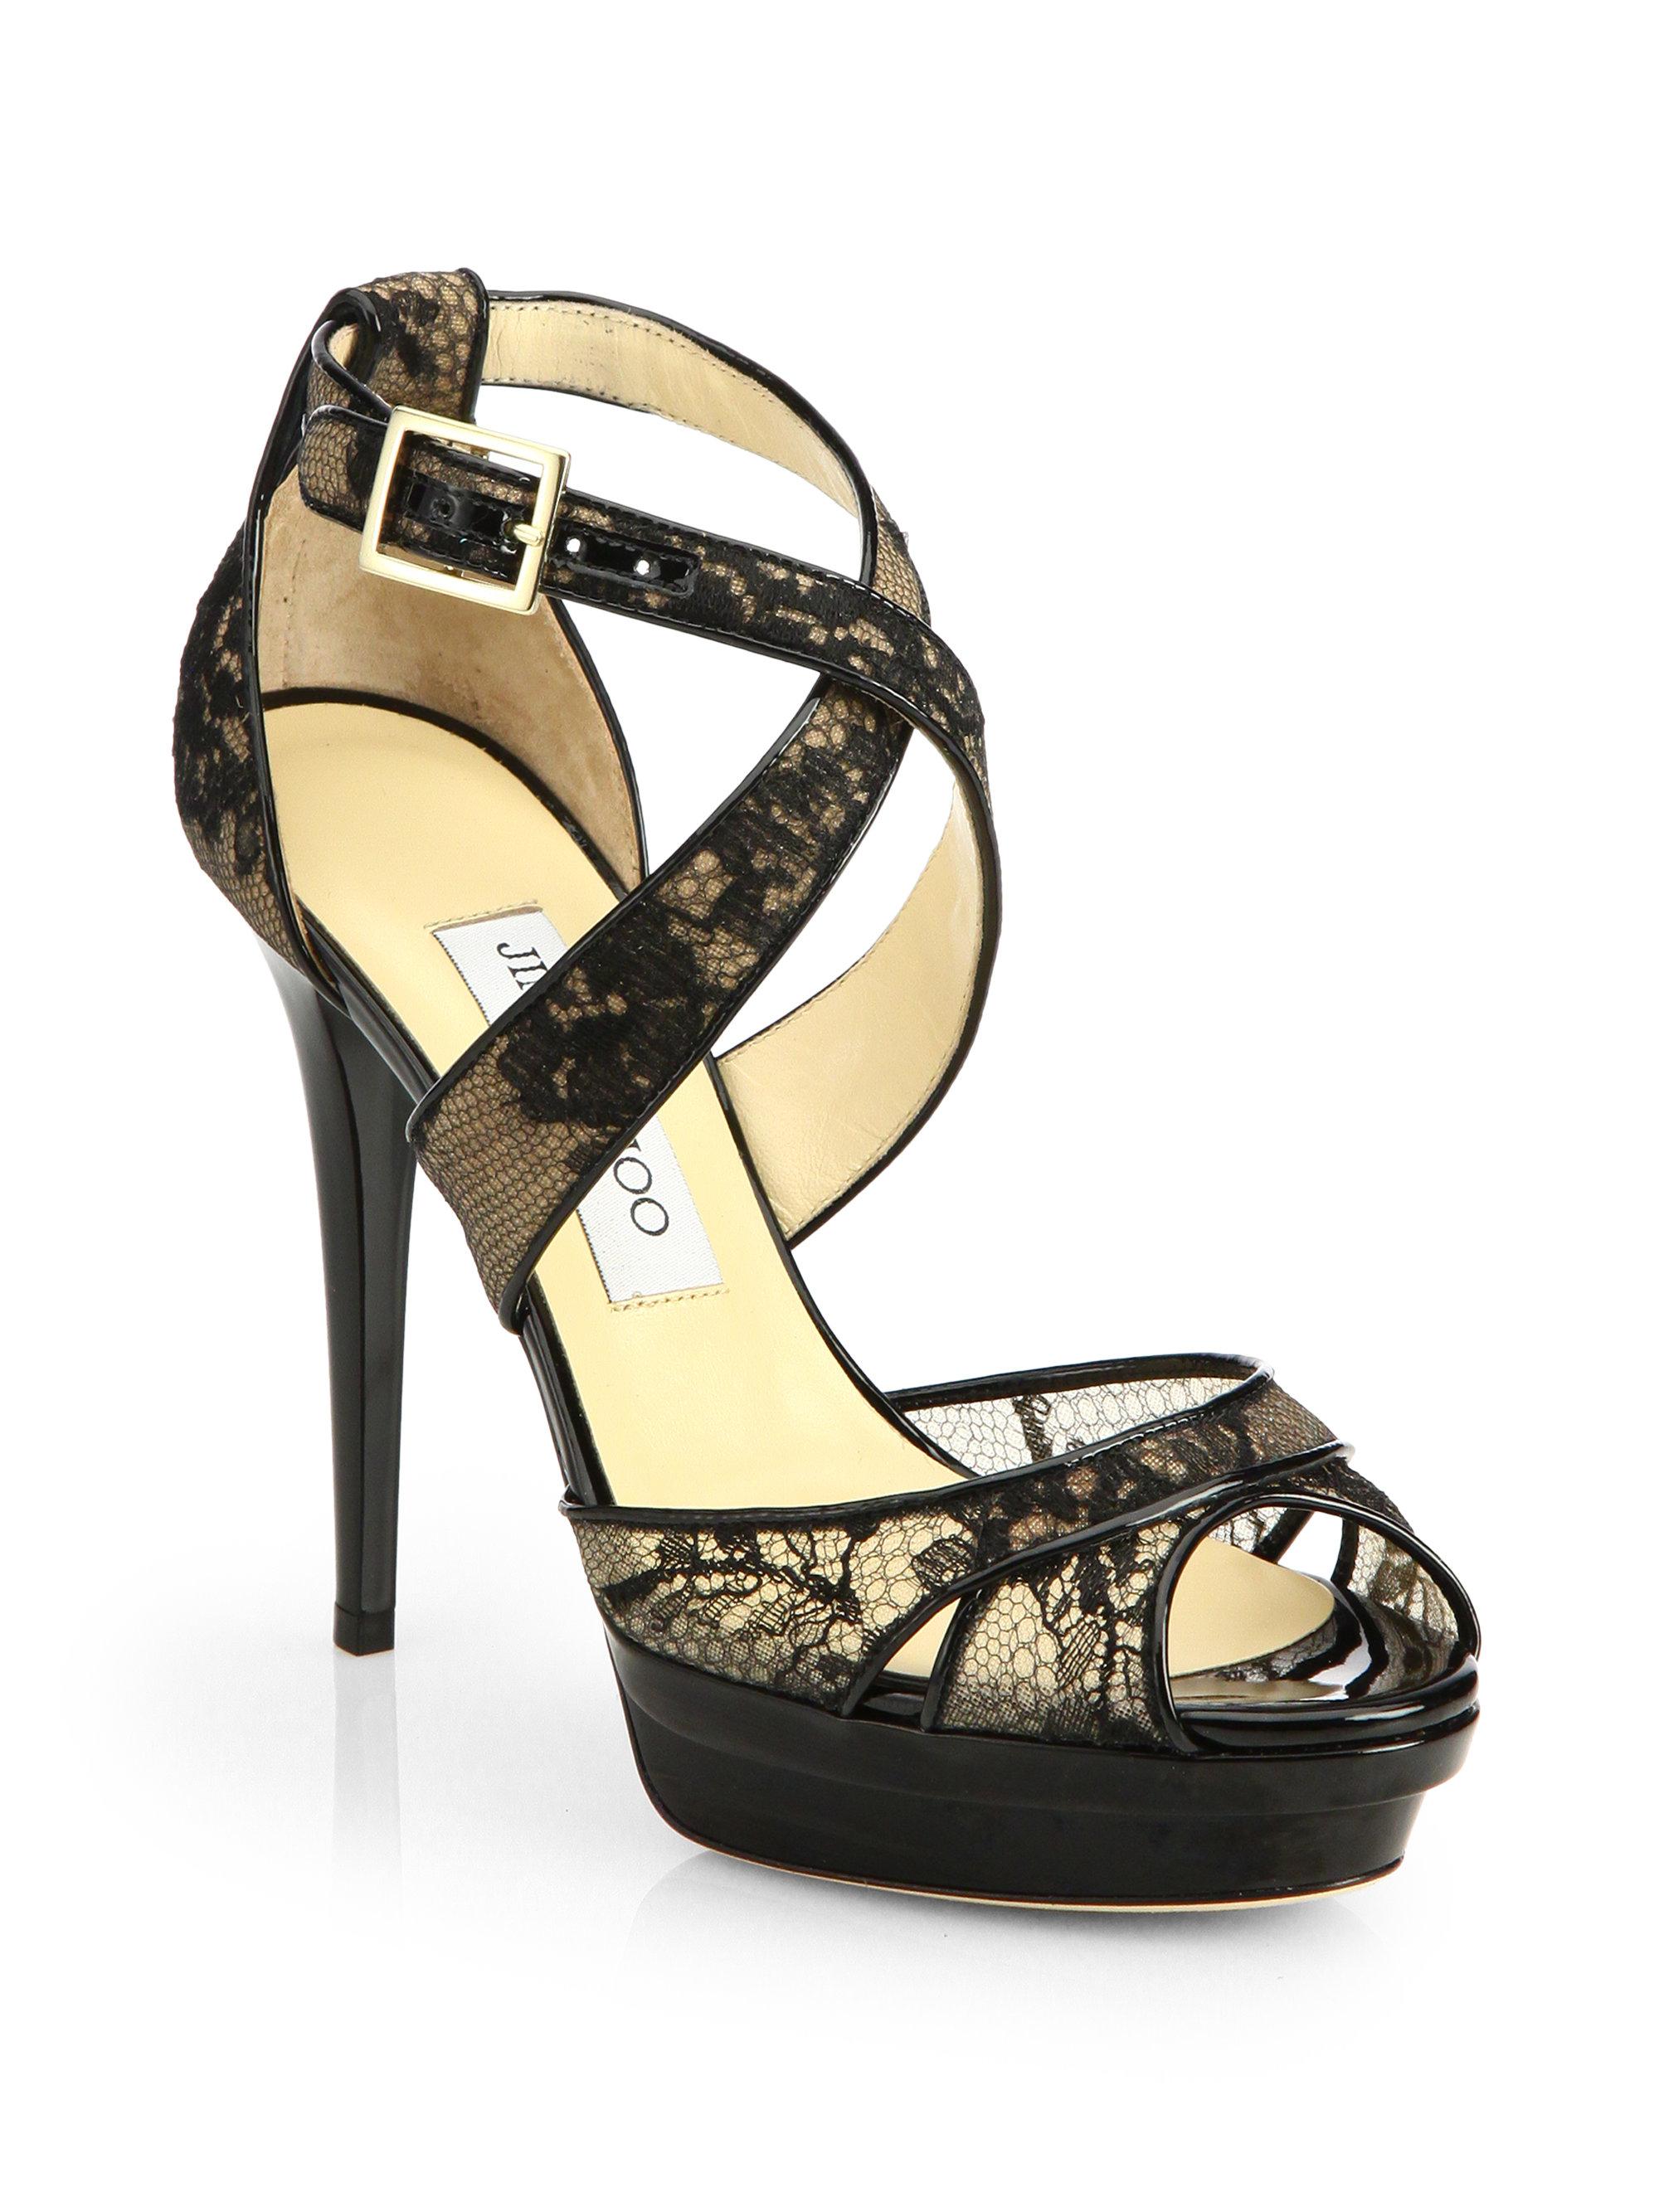 Jimmy choo Kuki Lace Platform Sandals in Black | Lyst